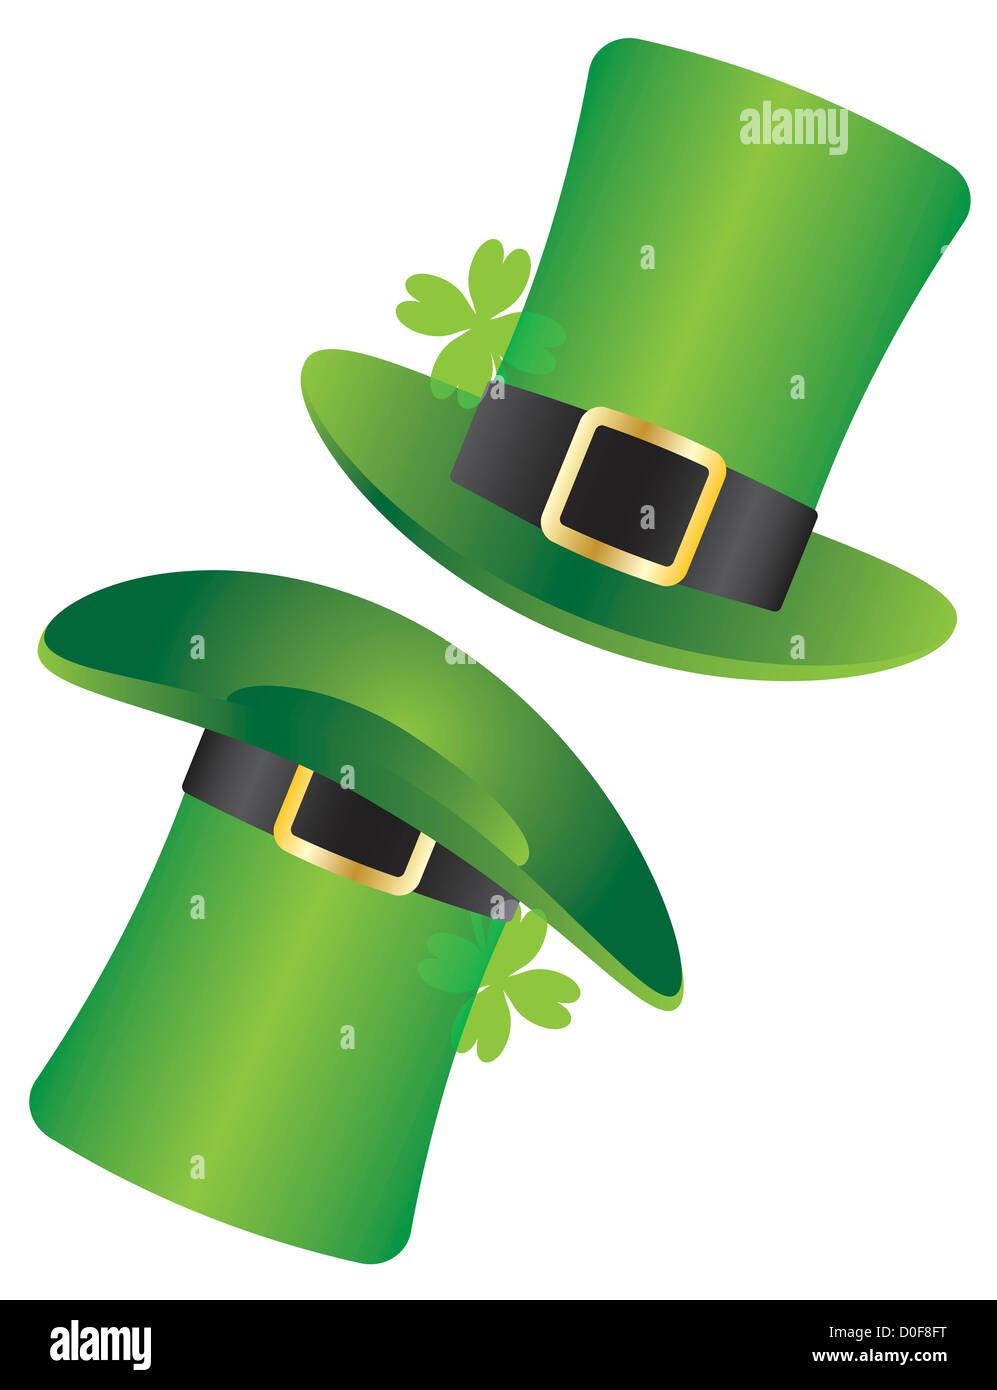 Día de San Patricio sombrero de duende irlandés con ilustración de trébol  de cuatro hojas aisladas sobre fondo blanco. 86906302c66